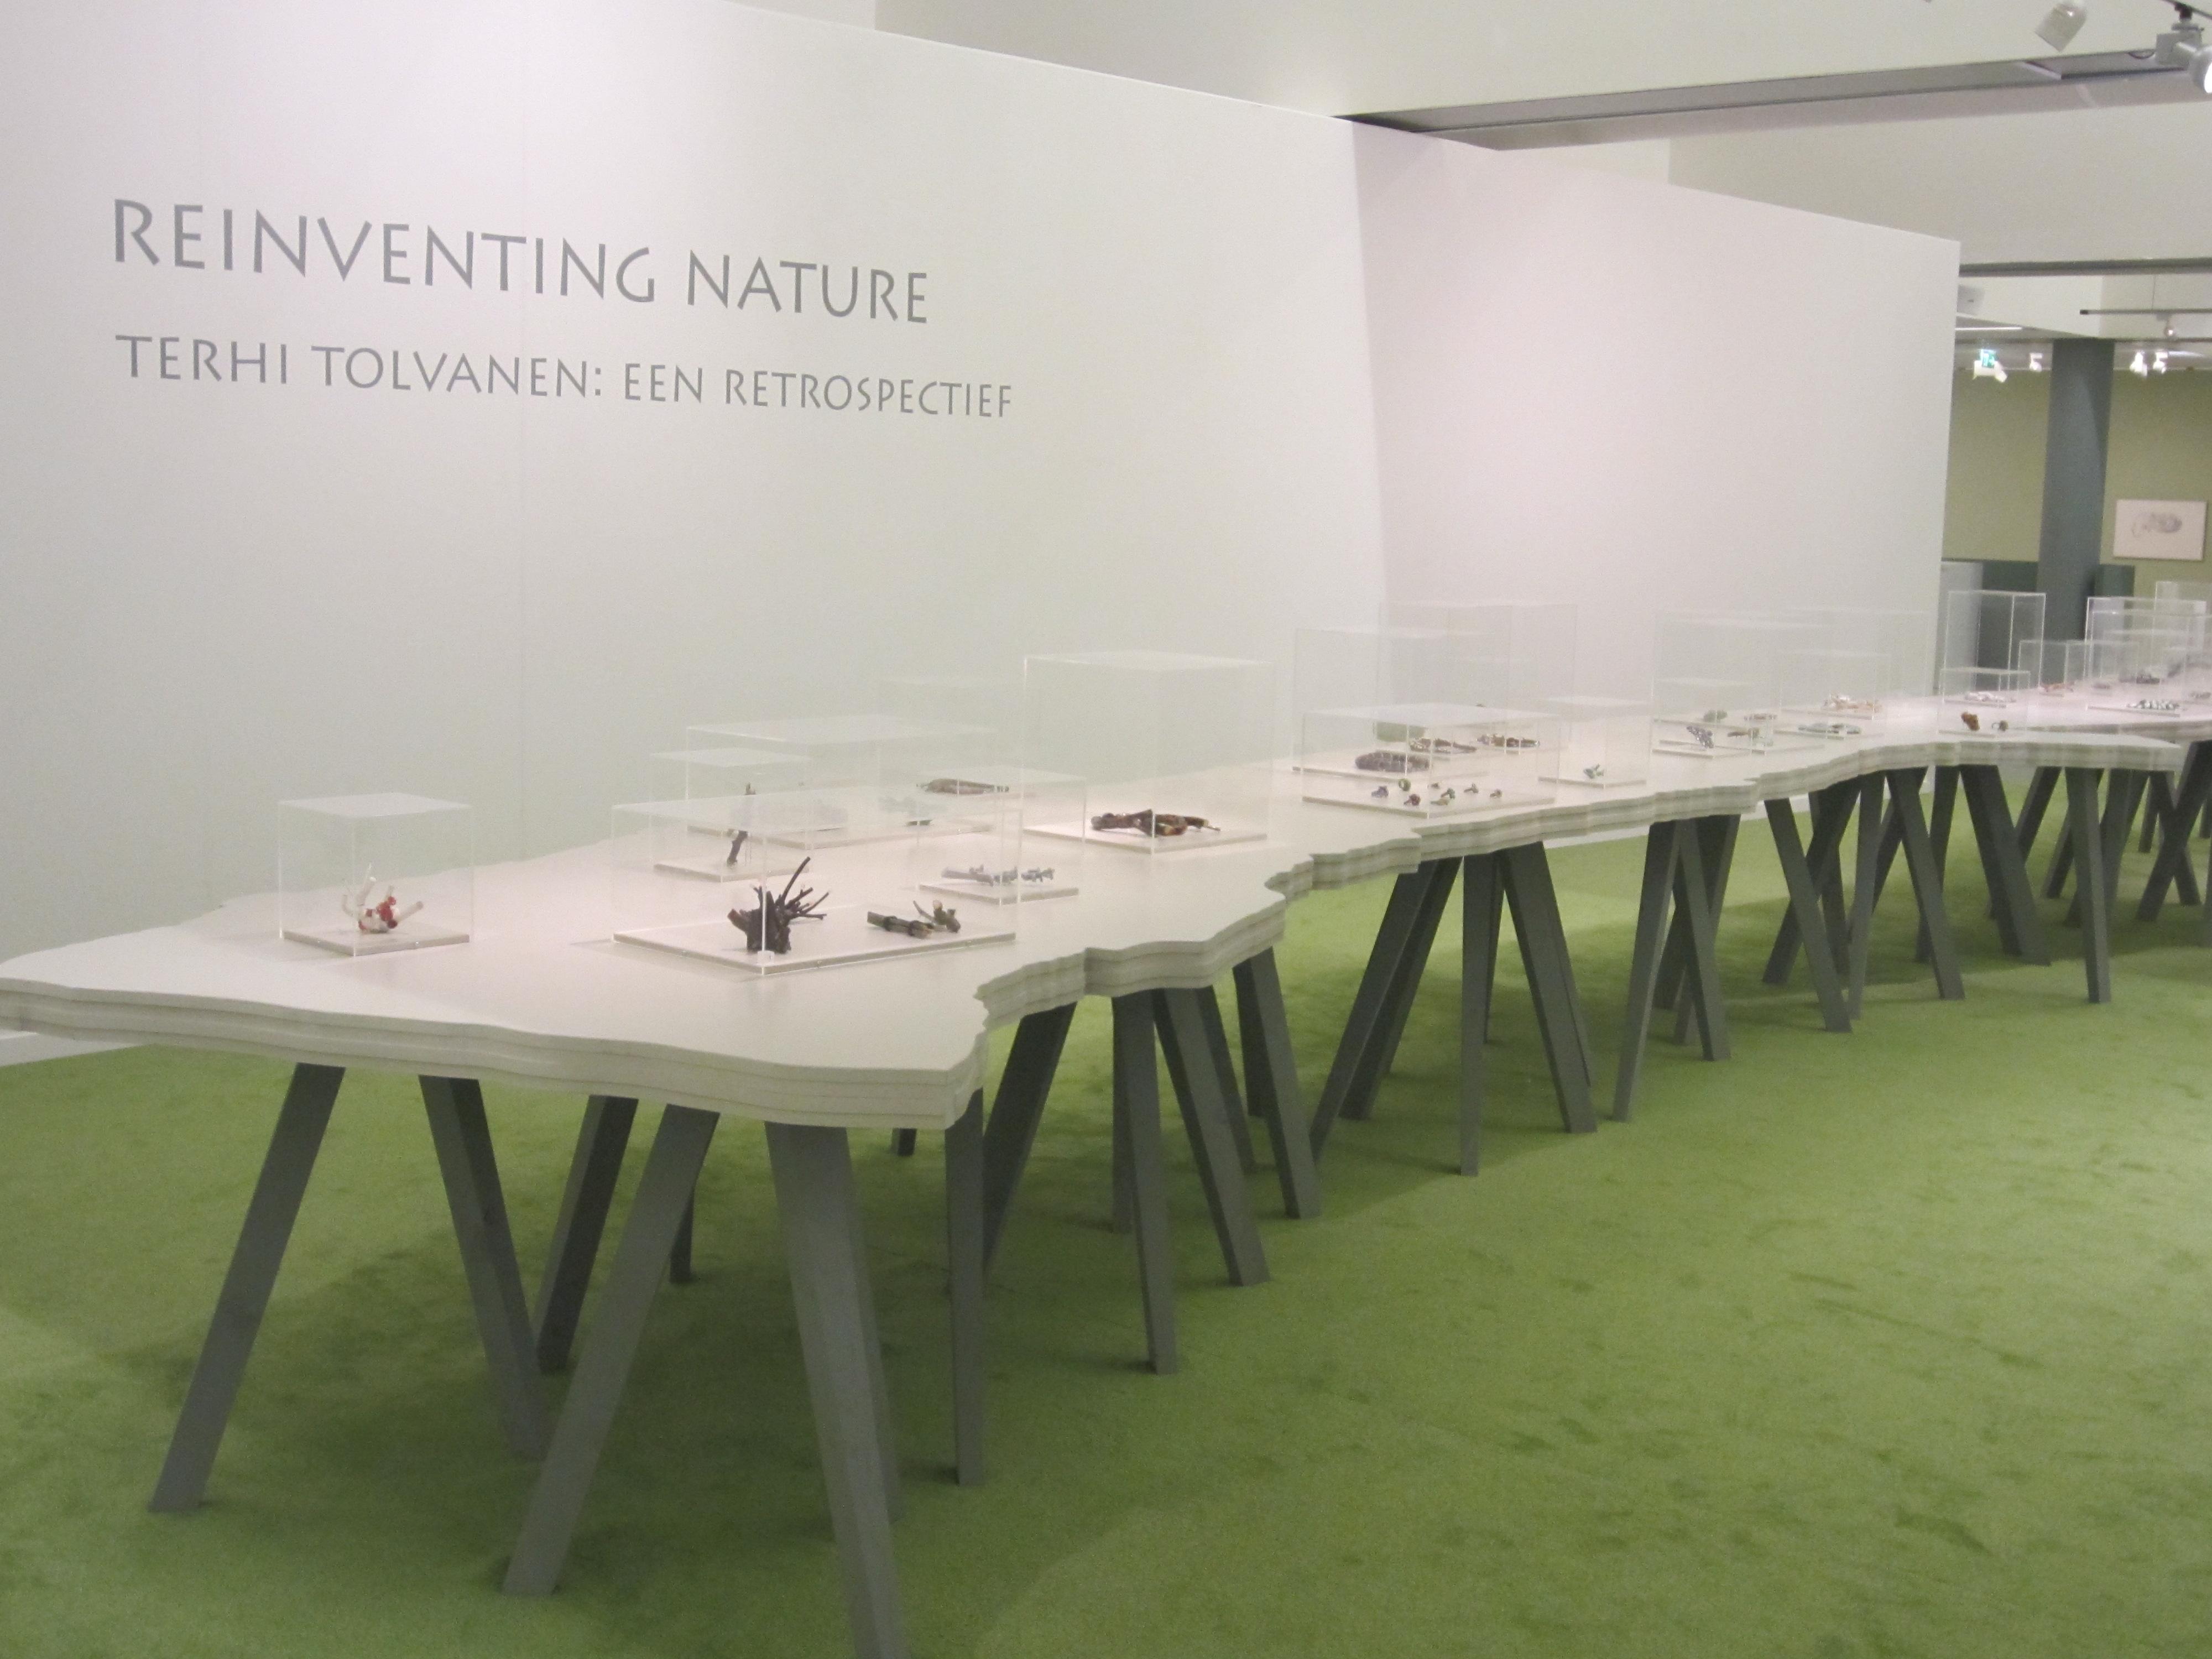 Reinventing nature, Terhi Tolvanen: een retrospectief, CODA, 2014